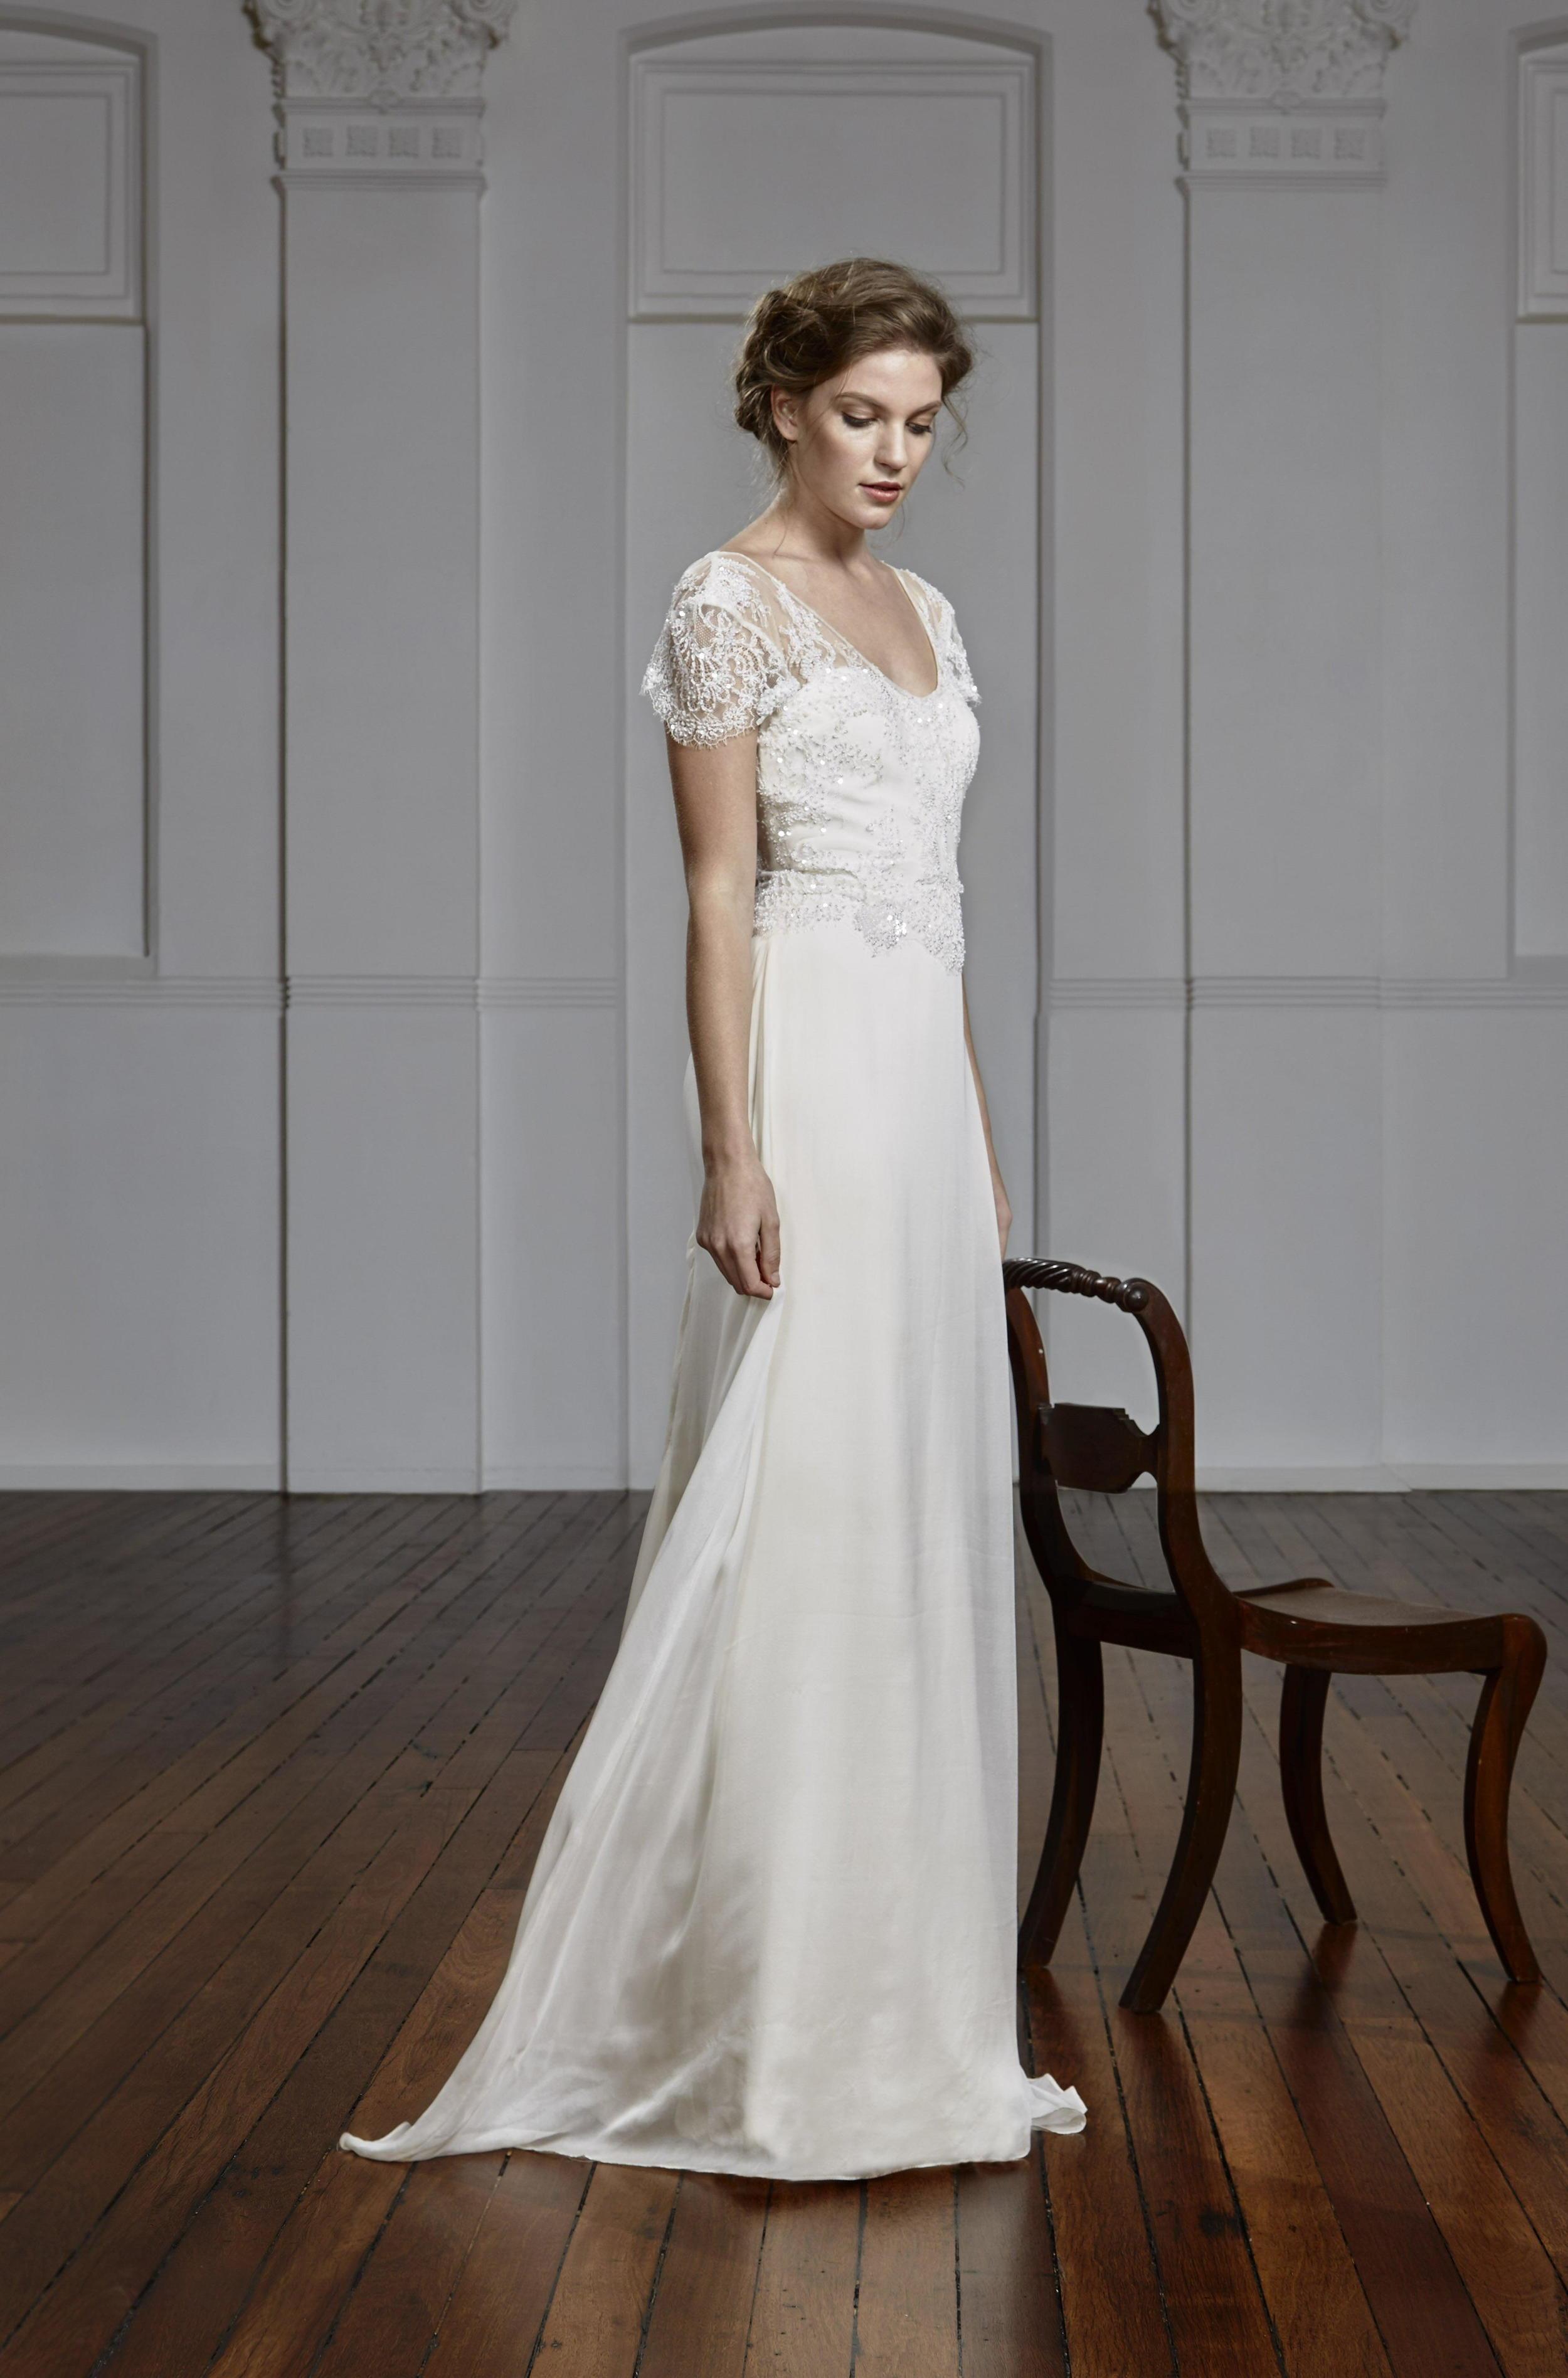 Blythe bridal design_TanyaAnic_©GrantSparkesCarroll_206-1.jpg